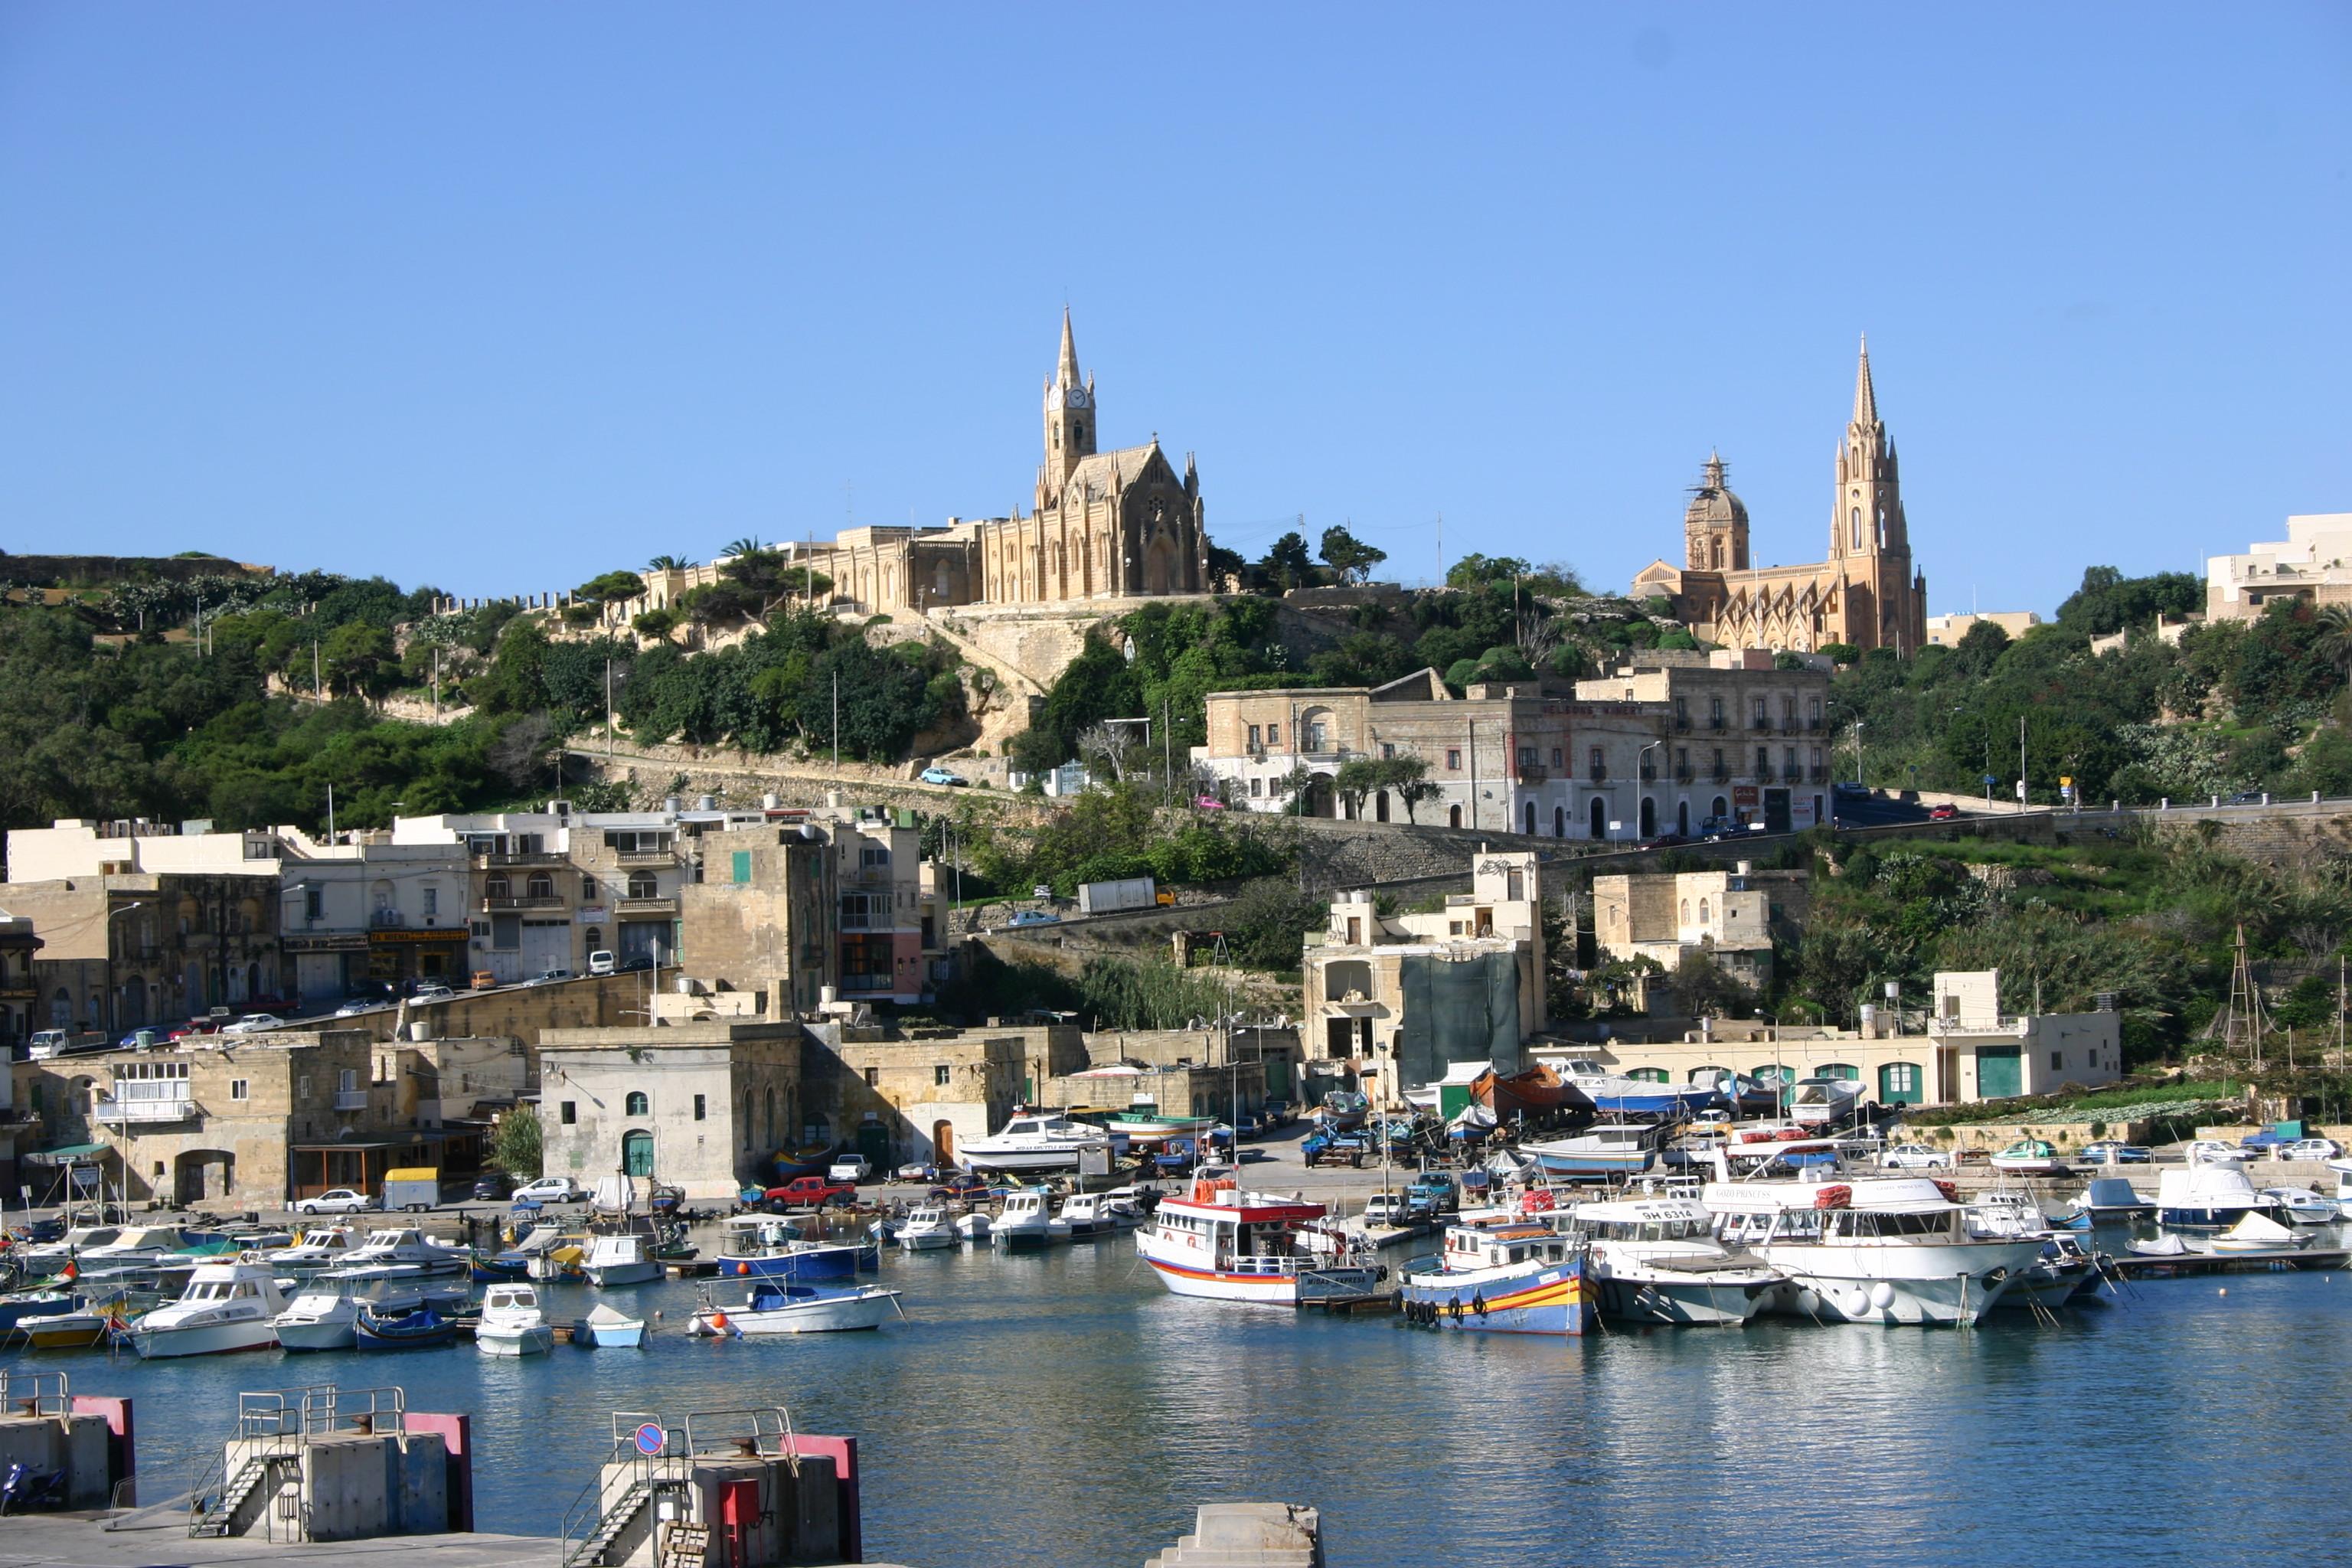 Hafeneinfahrt mit Fähre von Malta zur kleinen Nachbarinsel Gozo